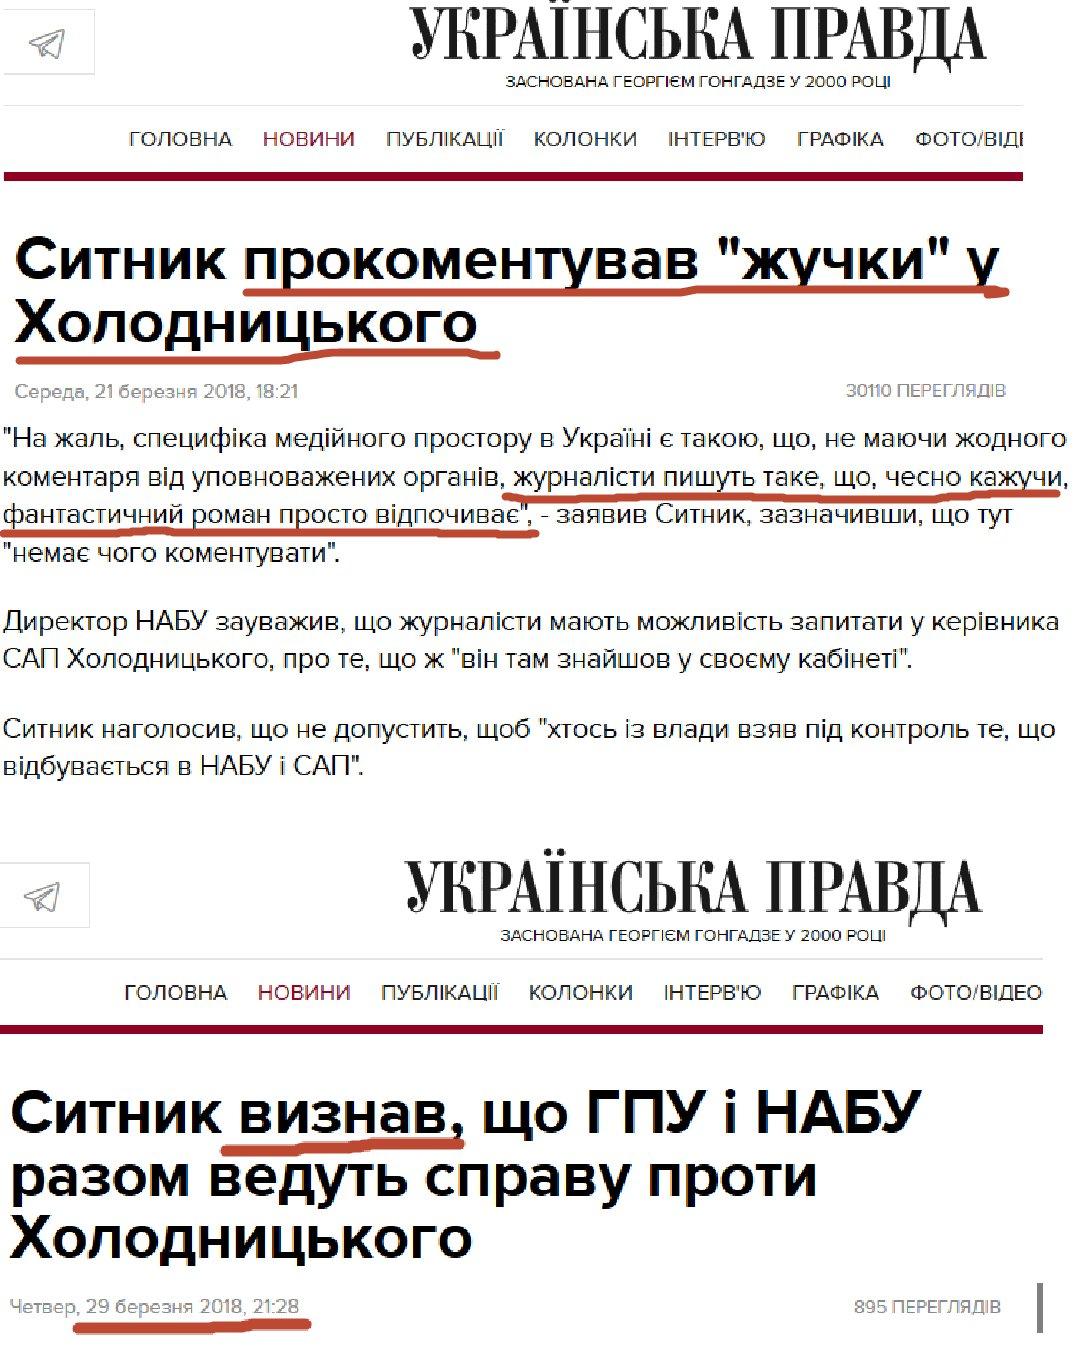 Я опровергал не факт расследования, а версии и мотивы, - Сытник признал факт прослушки Холодницкого - Цензор.НЕТ 3919